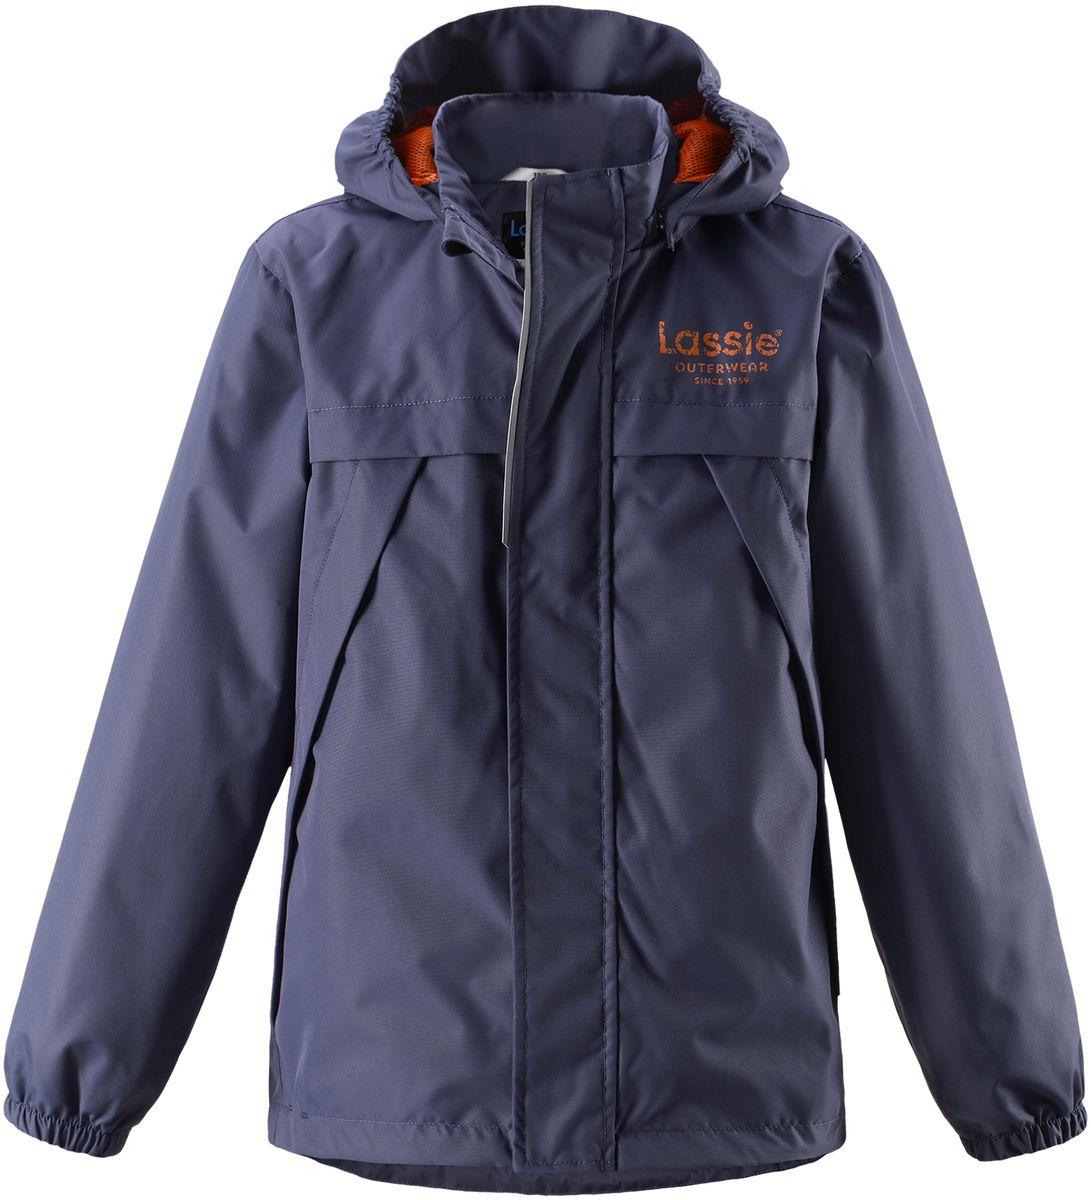 Фото Куртка для мальчика Lassie, цвет: темно-синий. 721707R9630. Размер 104. Покупайте с доставкой по России